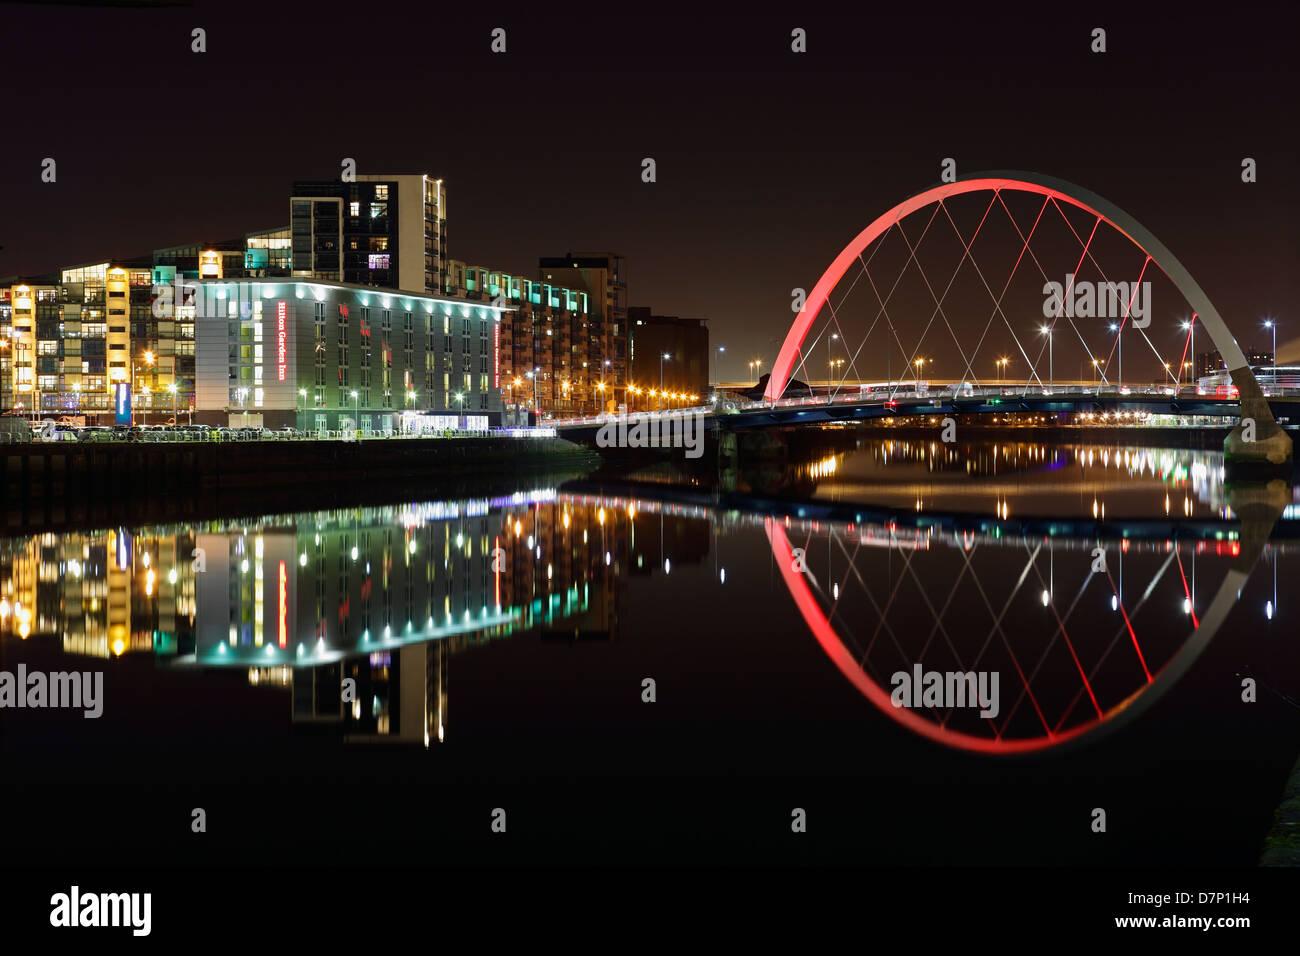 Le Clyde Arc reflète dans la rivière Clyde, Glasgow, Écosse, Royaume-Uni Banque D'Images